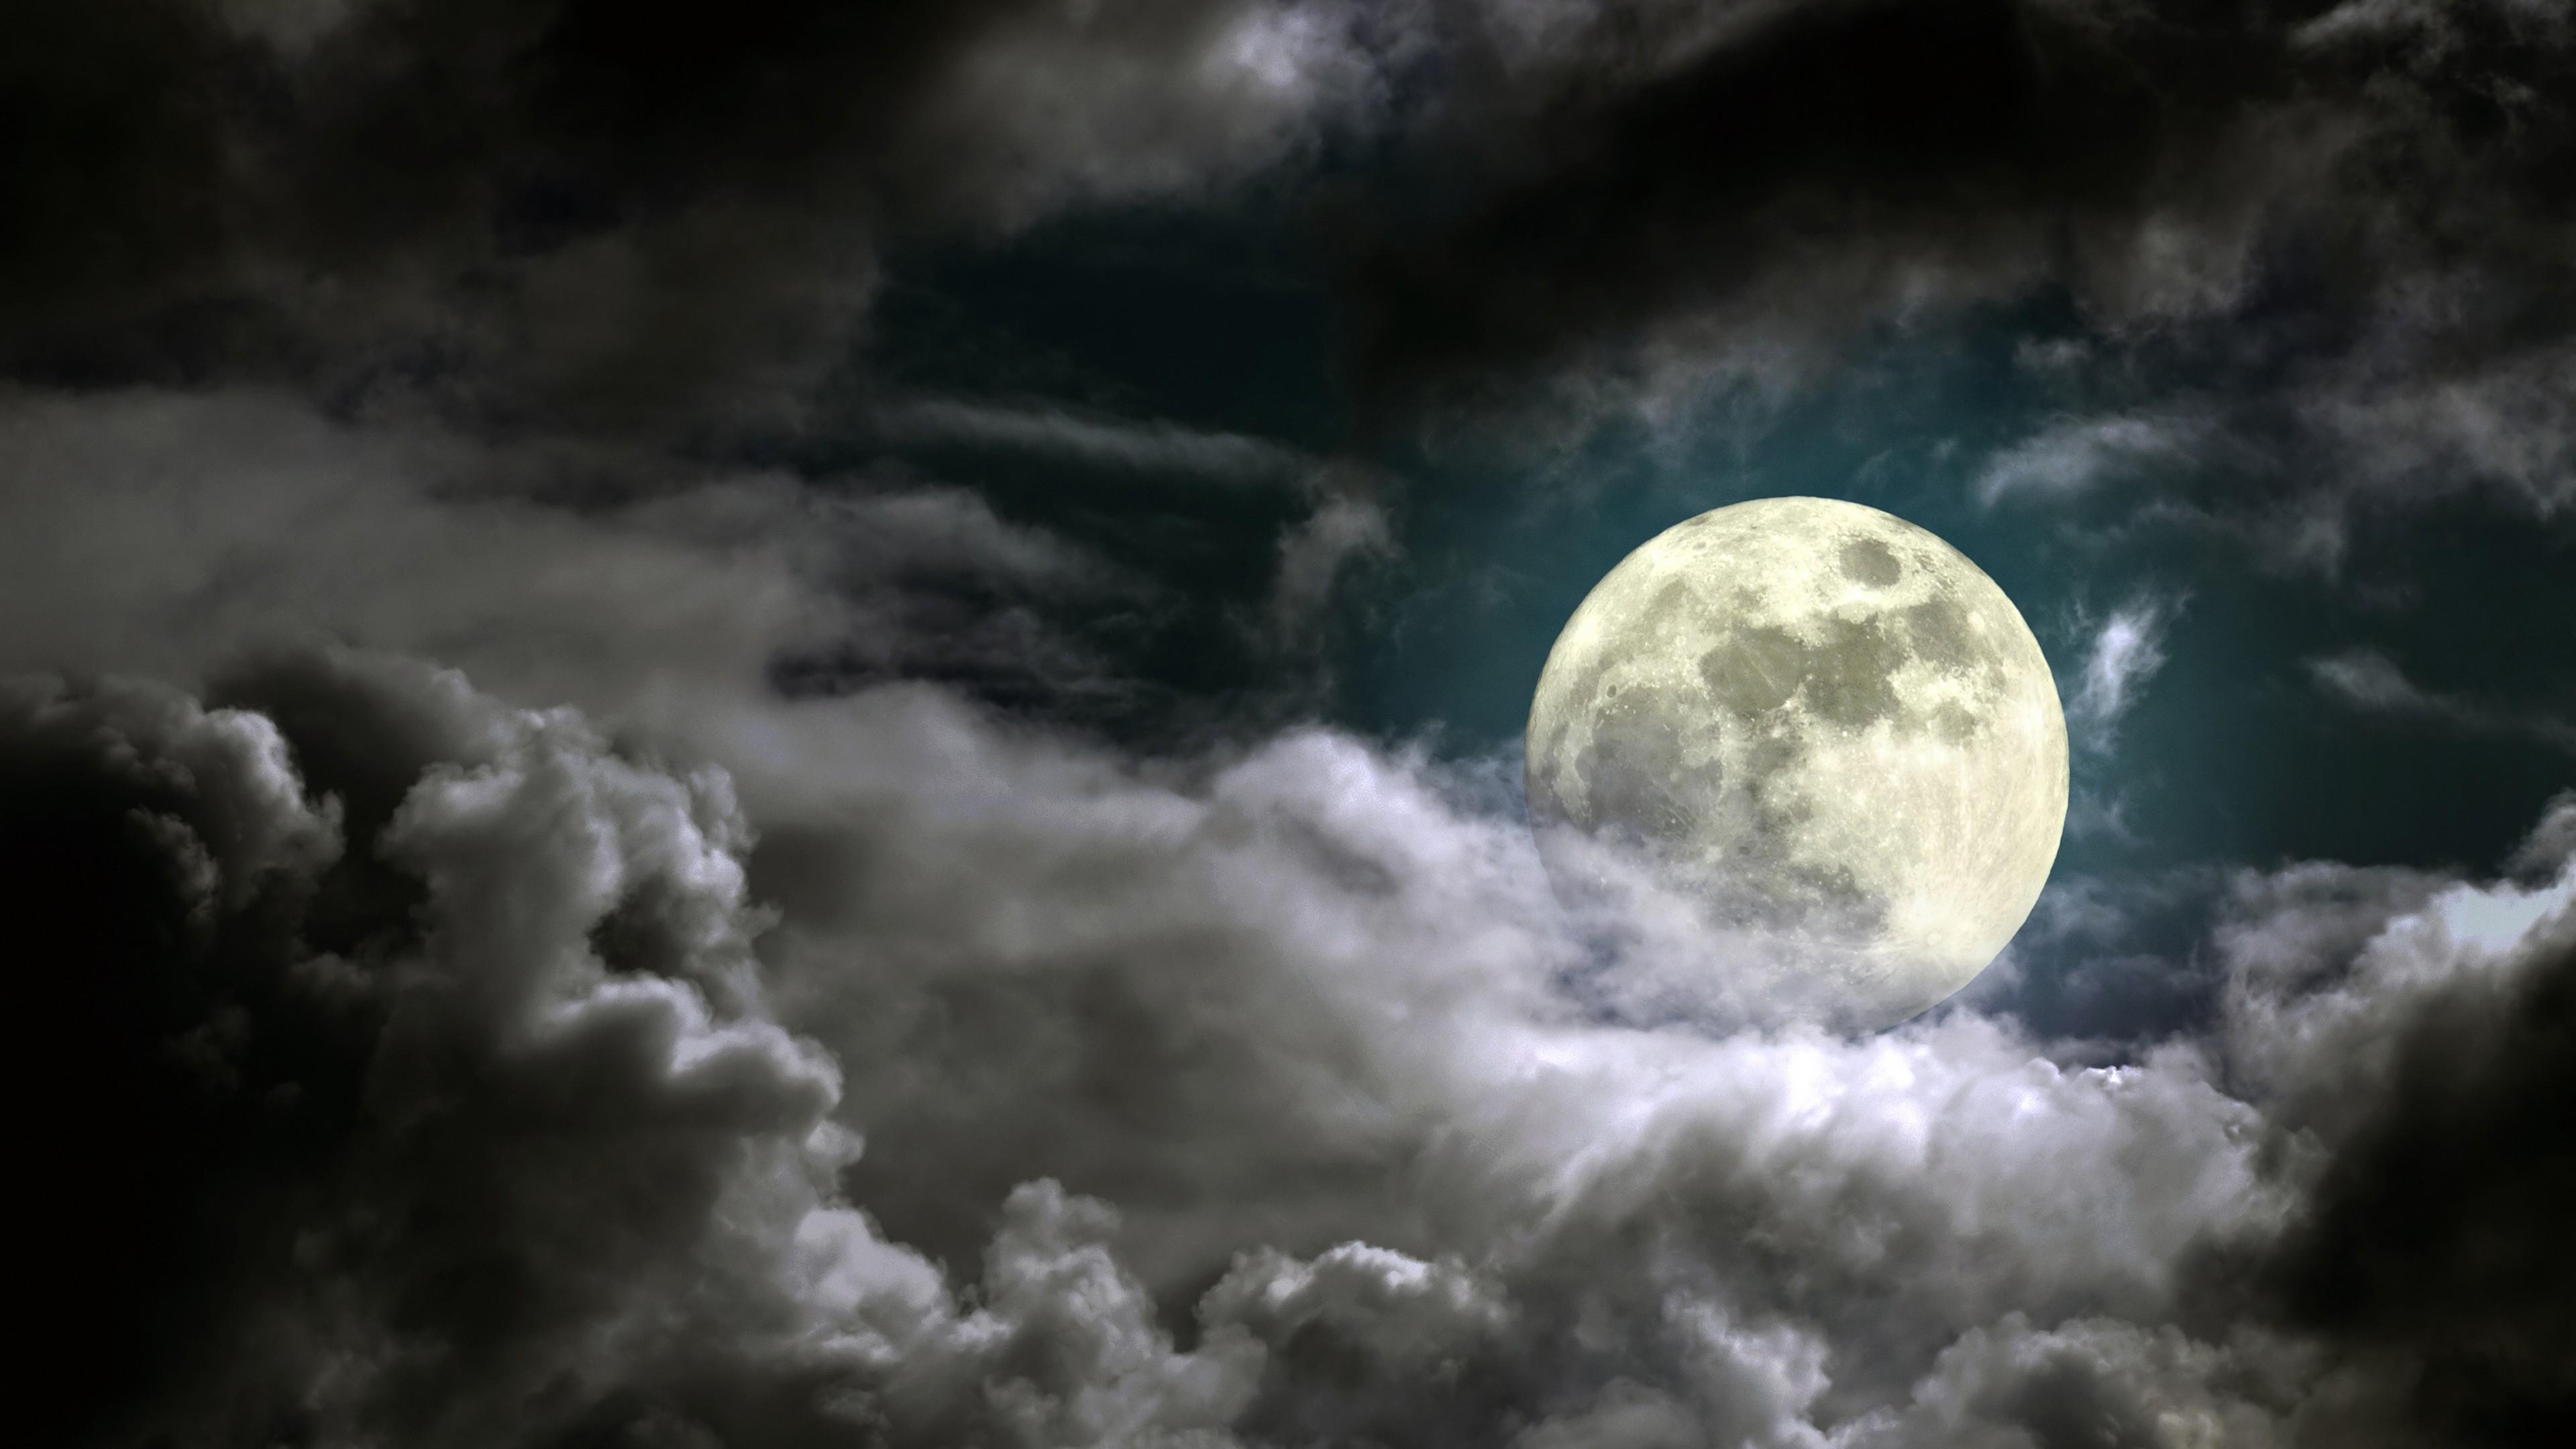 Луна в серо-дымчатых газовых облаках ночного неба